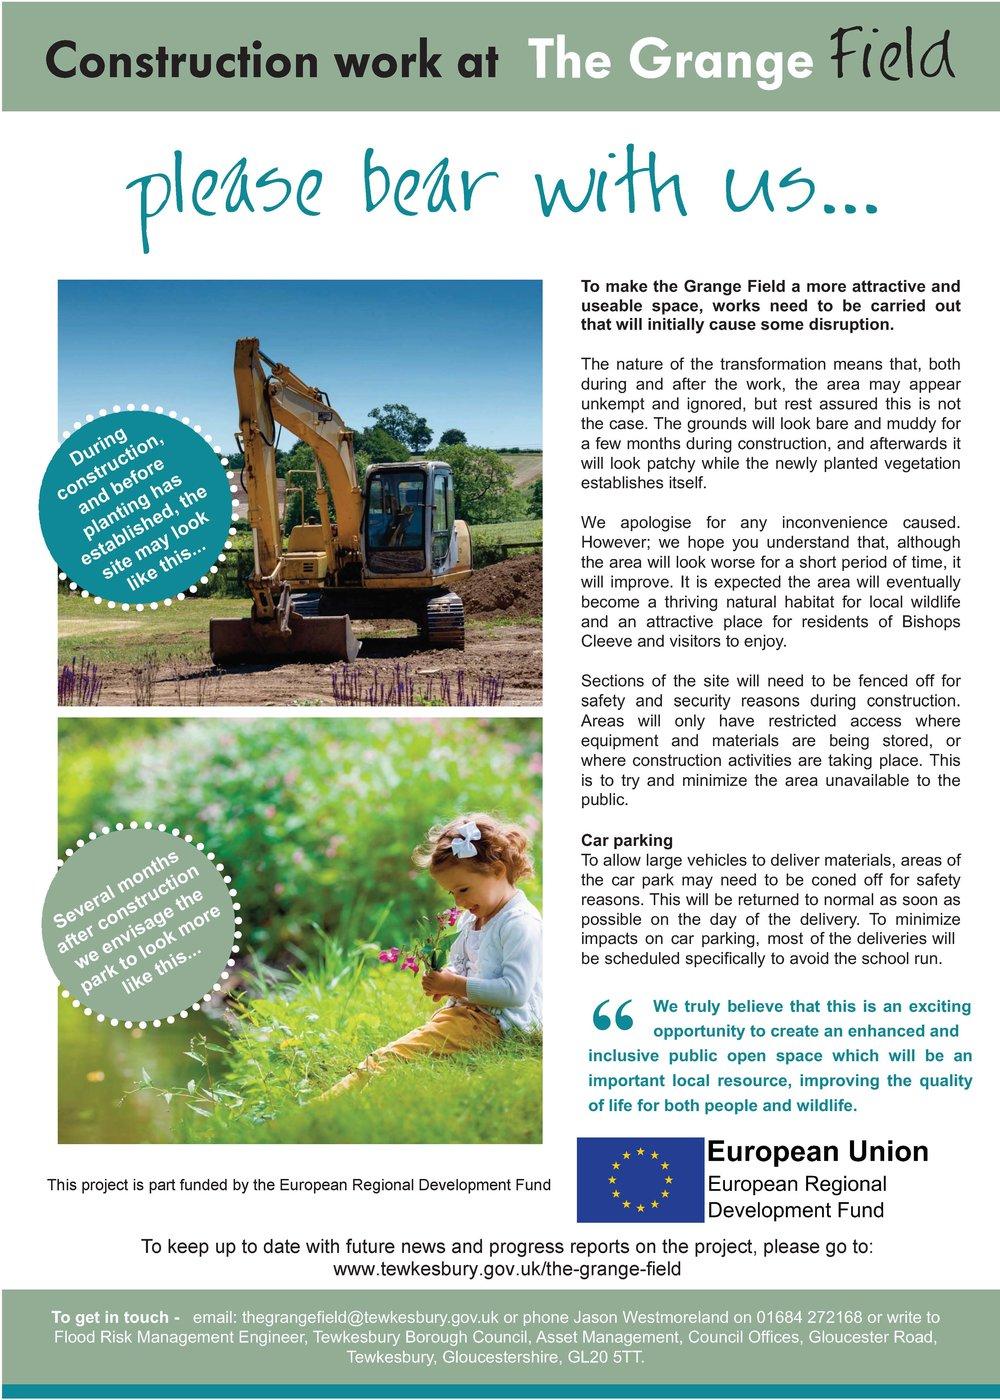 The Grange Construction poster ERDF_V1.3a.jpg